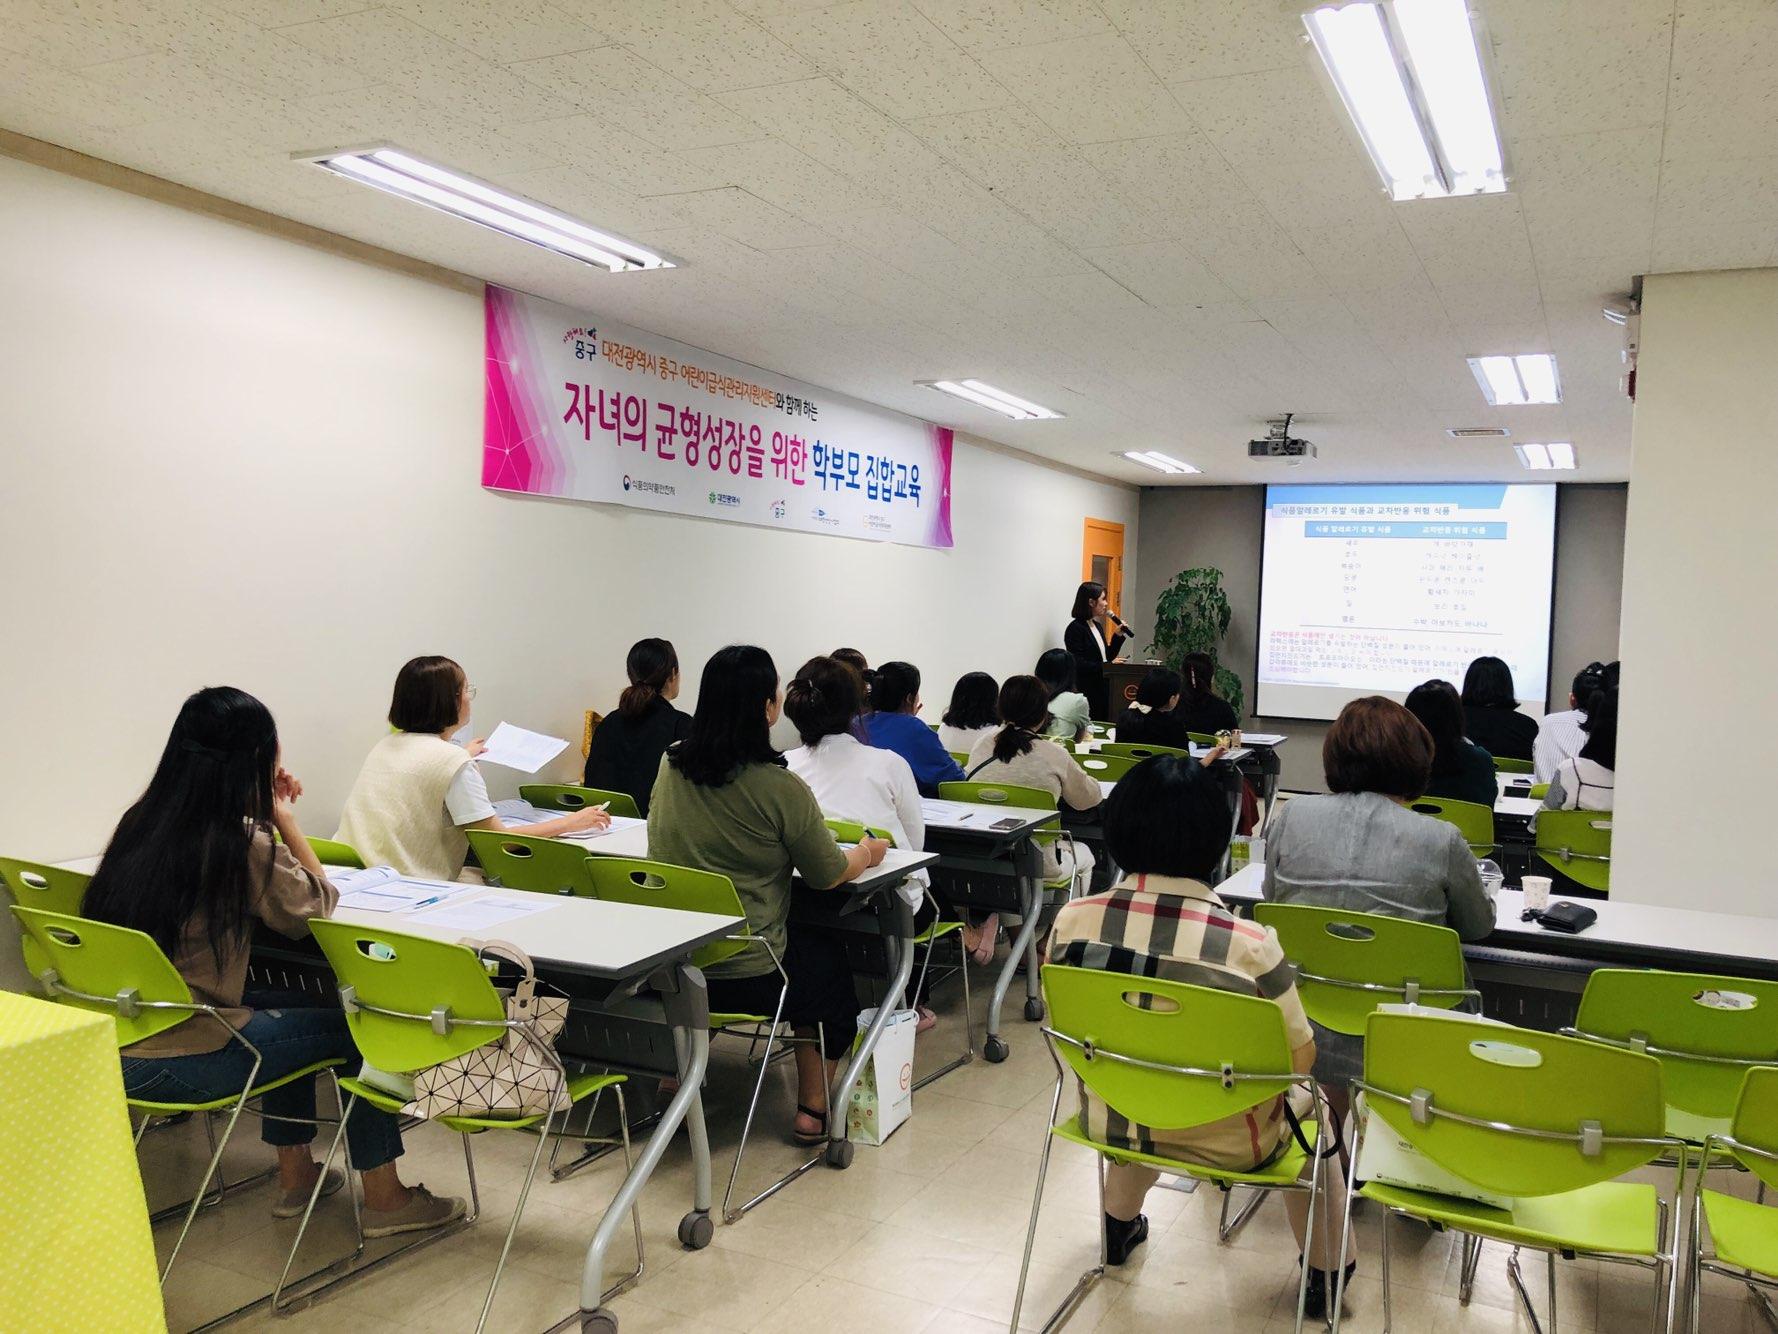 대전광역시중구어린이급식관리지원센터, '나트륨 저감화 및 식품알레르기 예방관리 교육' 실시